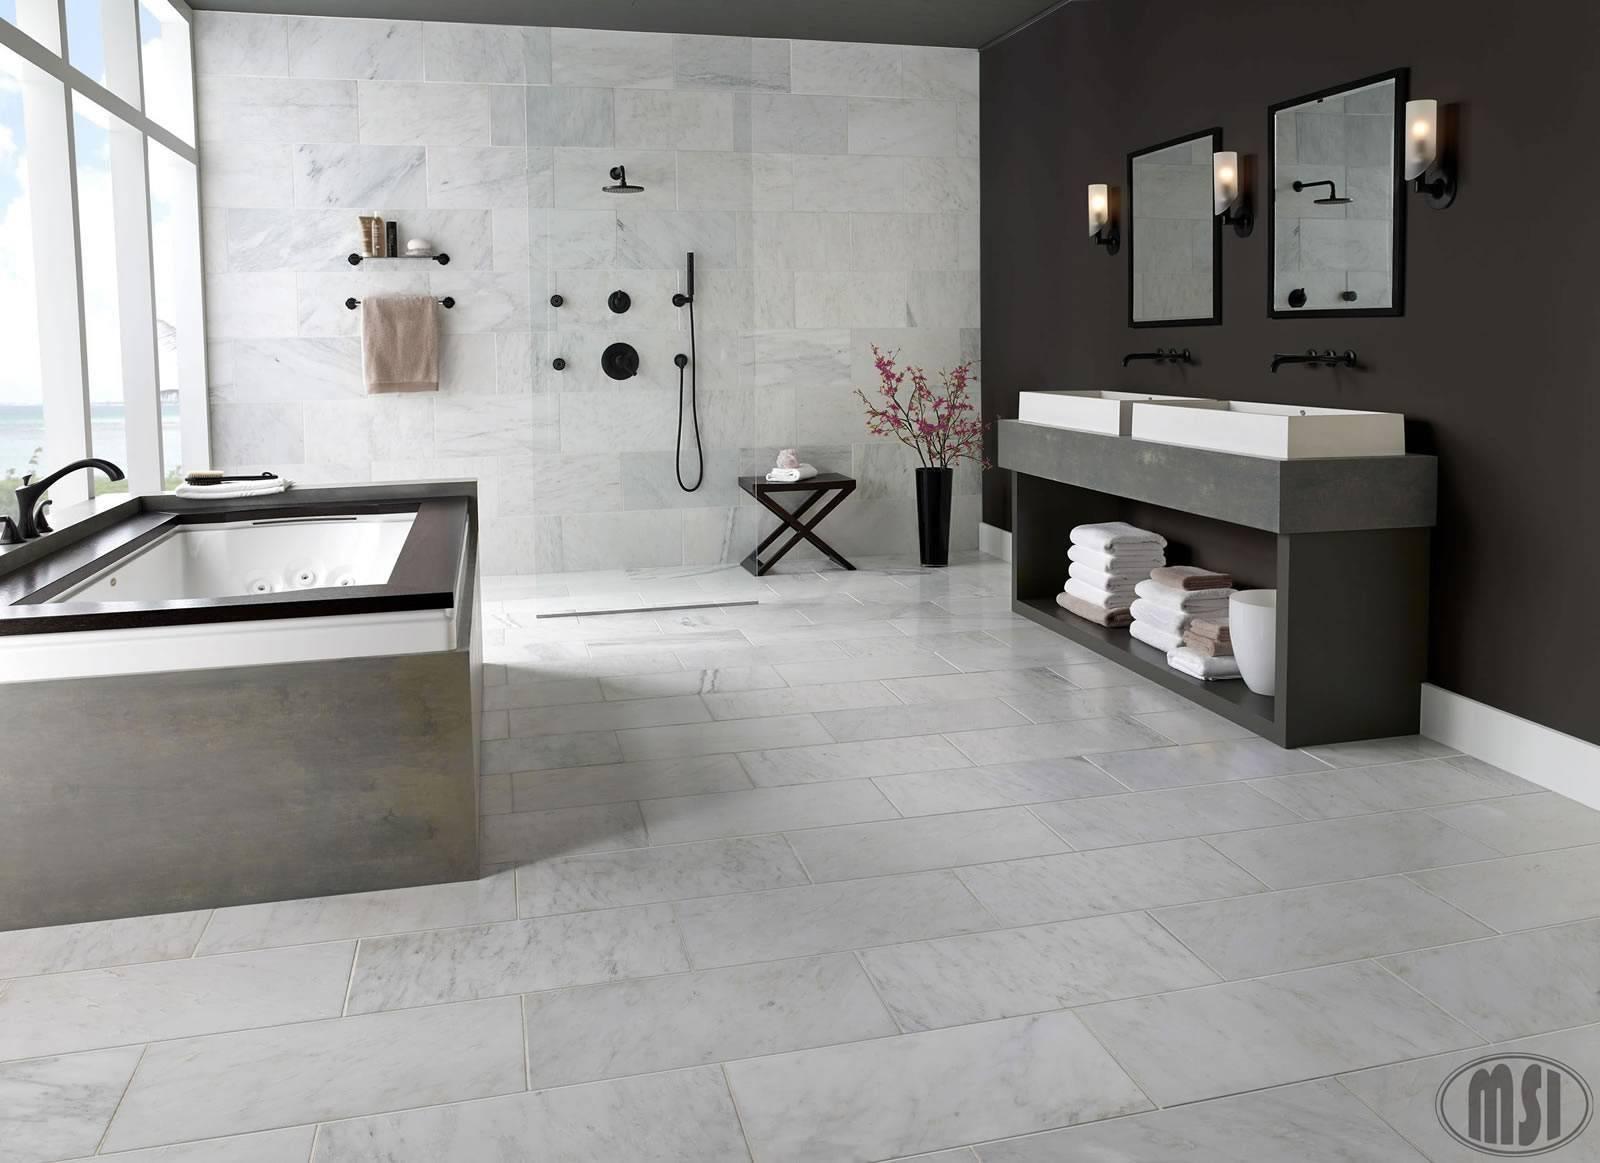 Một trong những lợi ích của gạch đá cẩm thạch Arabescato Carrara là một số kích thước có sẵn đã được mài hoàn hảo để dùng cho phòng tắm